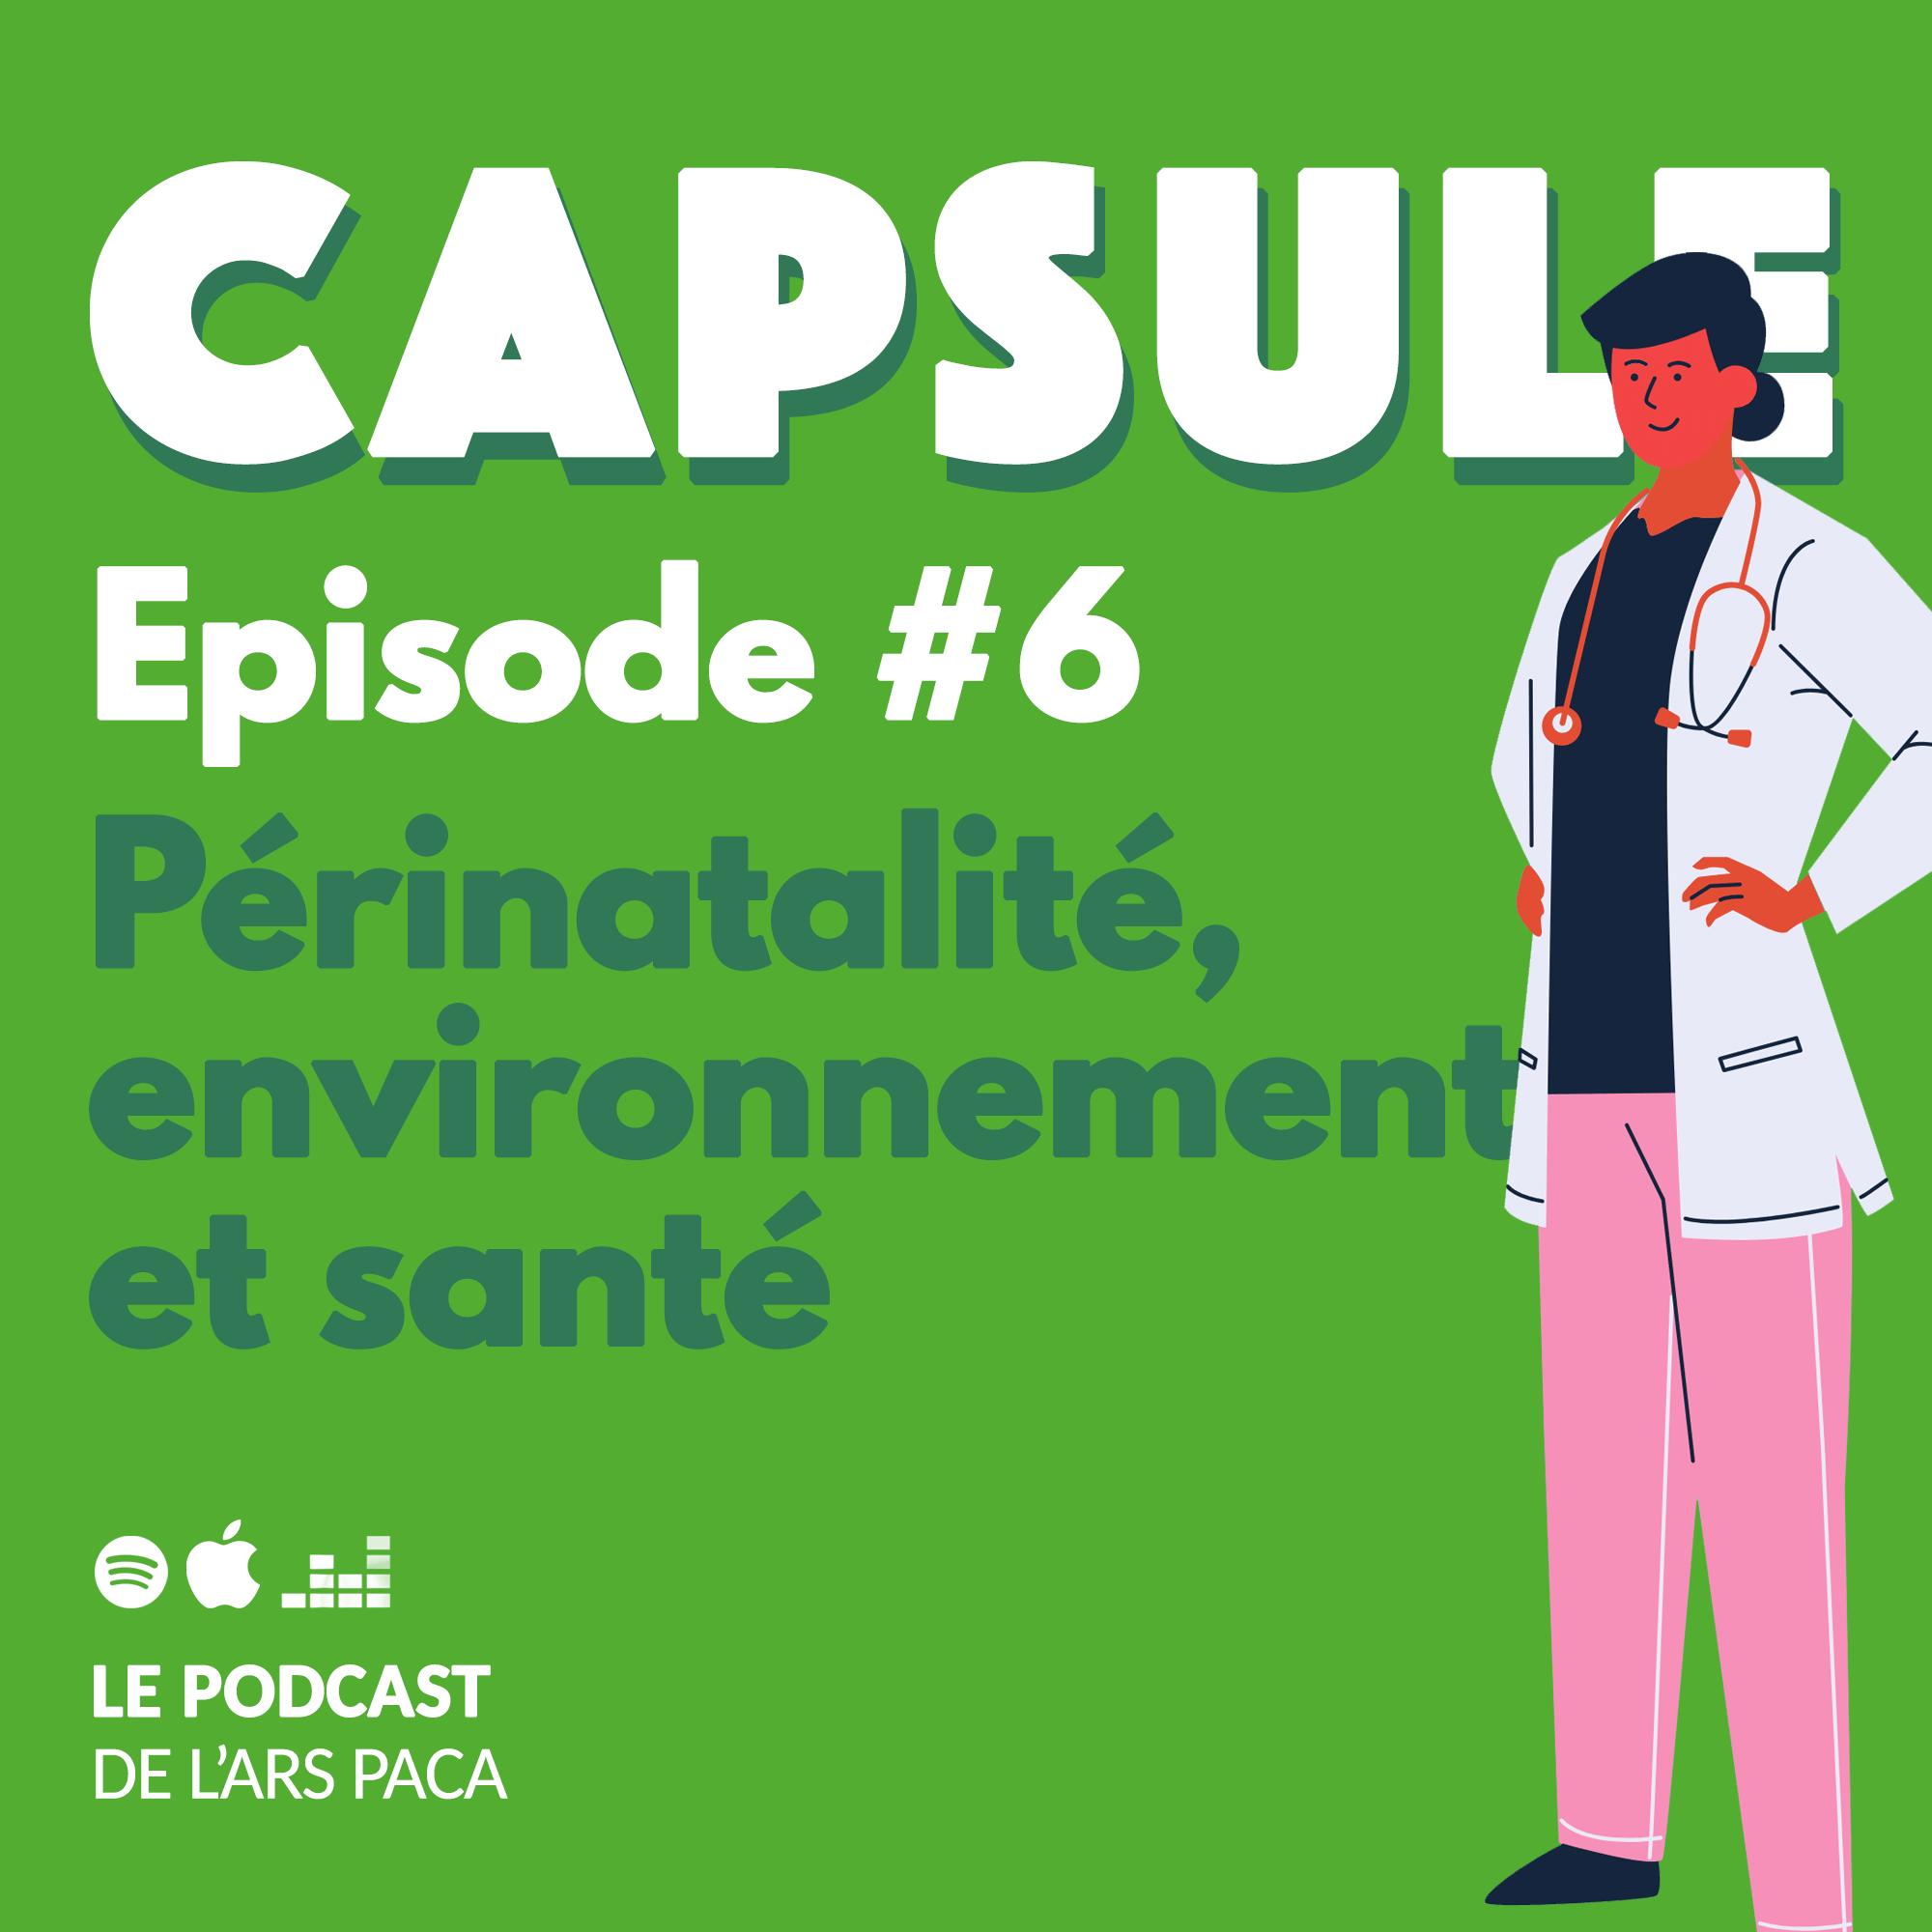 Episode 6 : périnatalité, santé et environnement